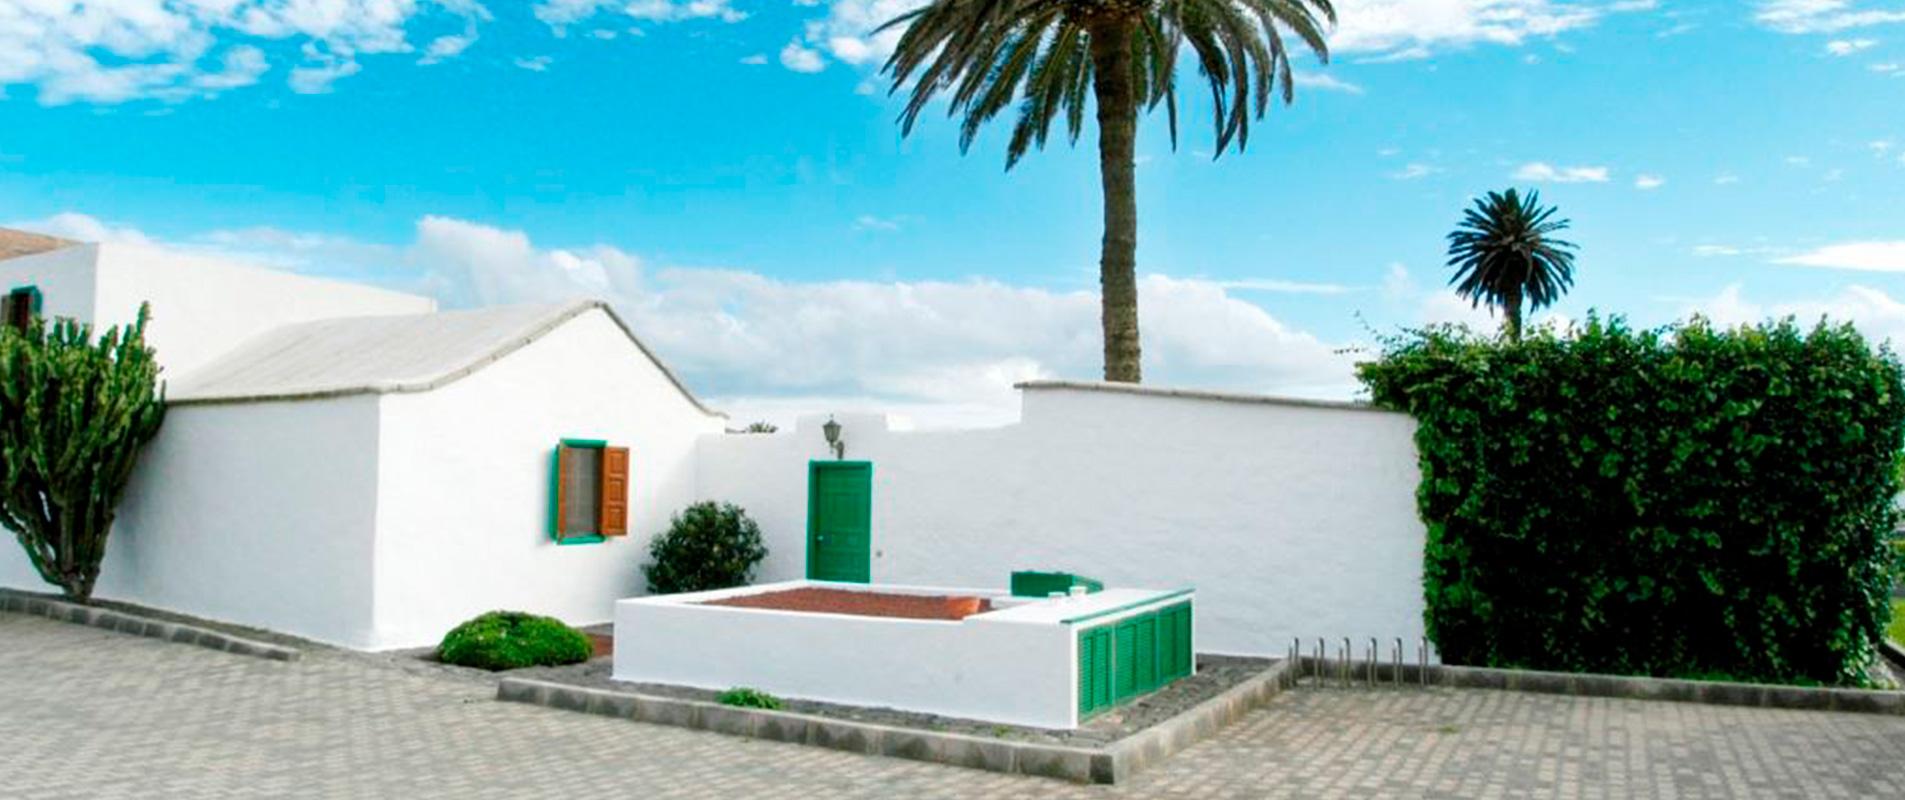 Casa Barranco, Los Valles, for sale, ref. 0208